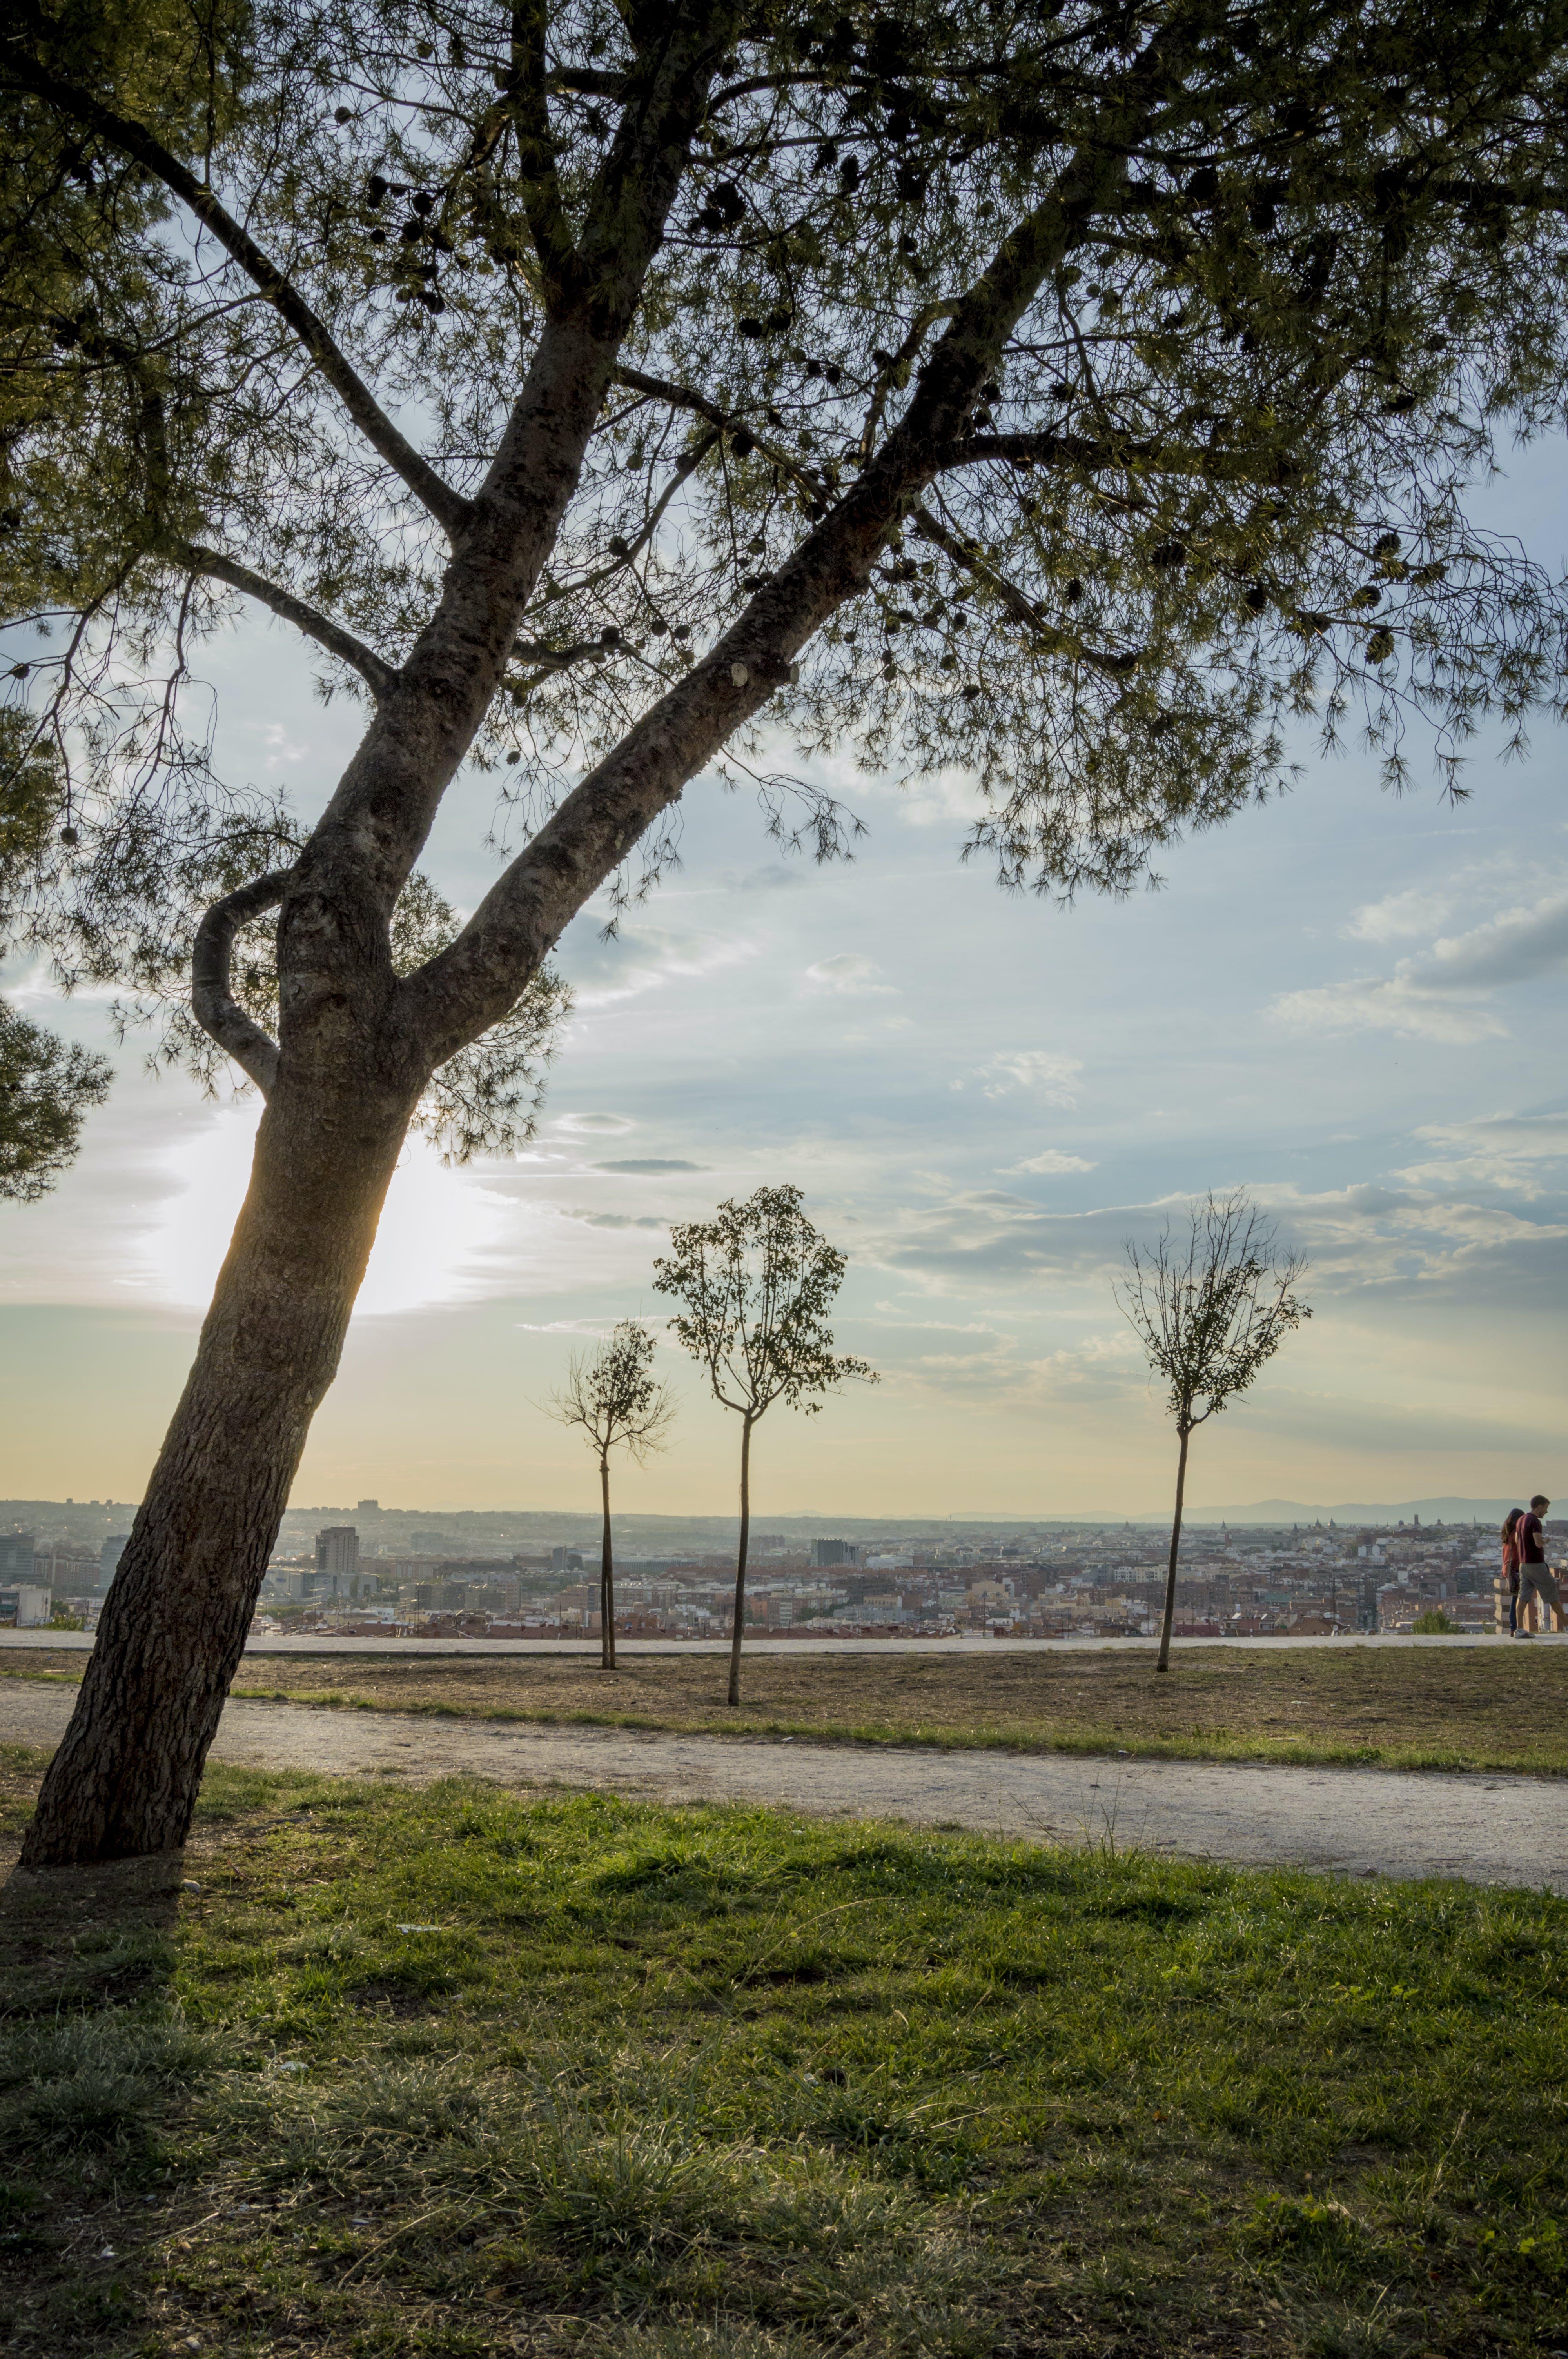 Free stock photo of city park, trees